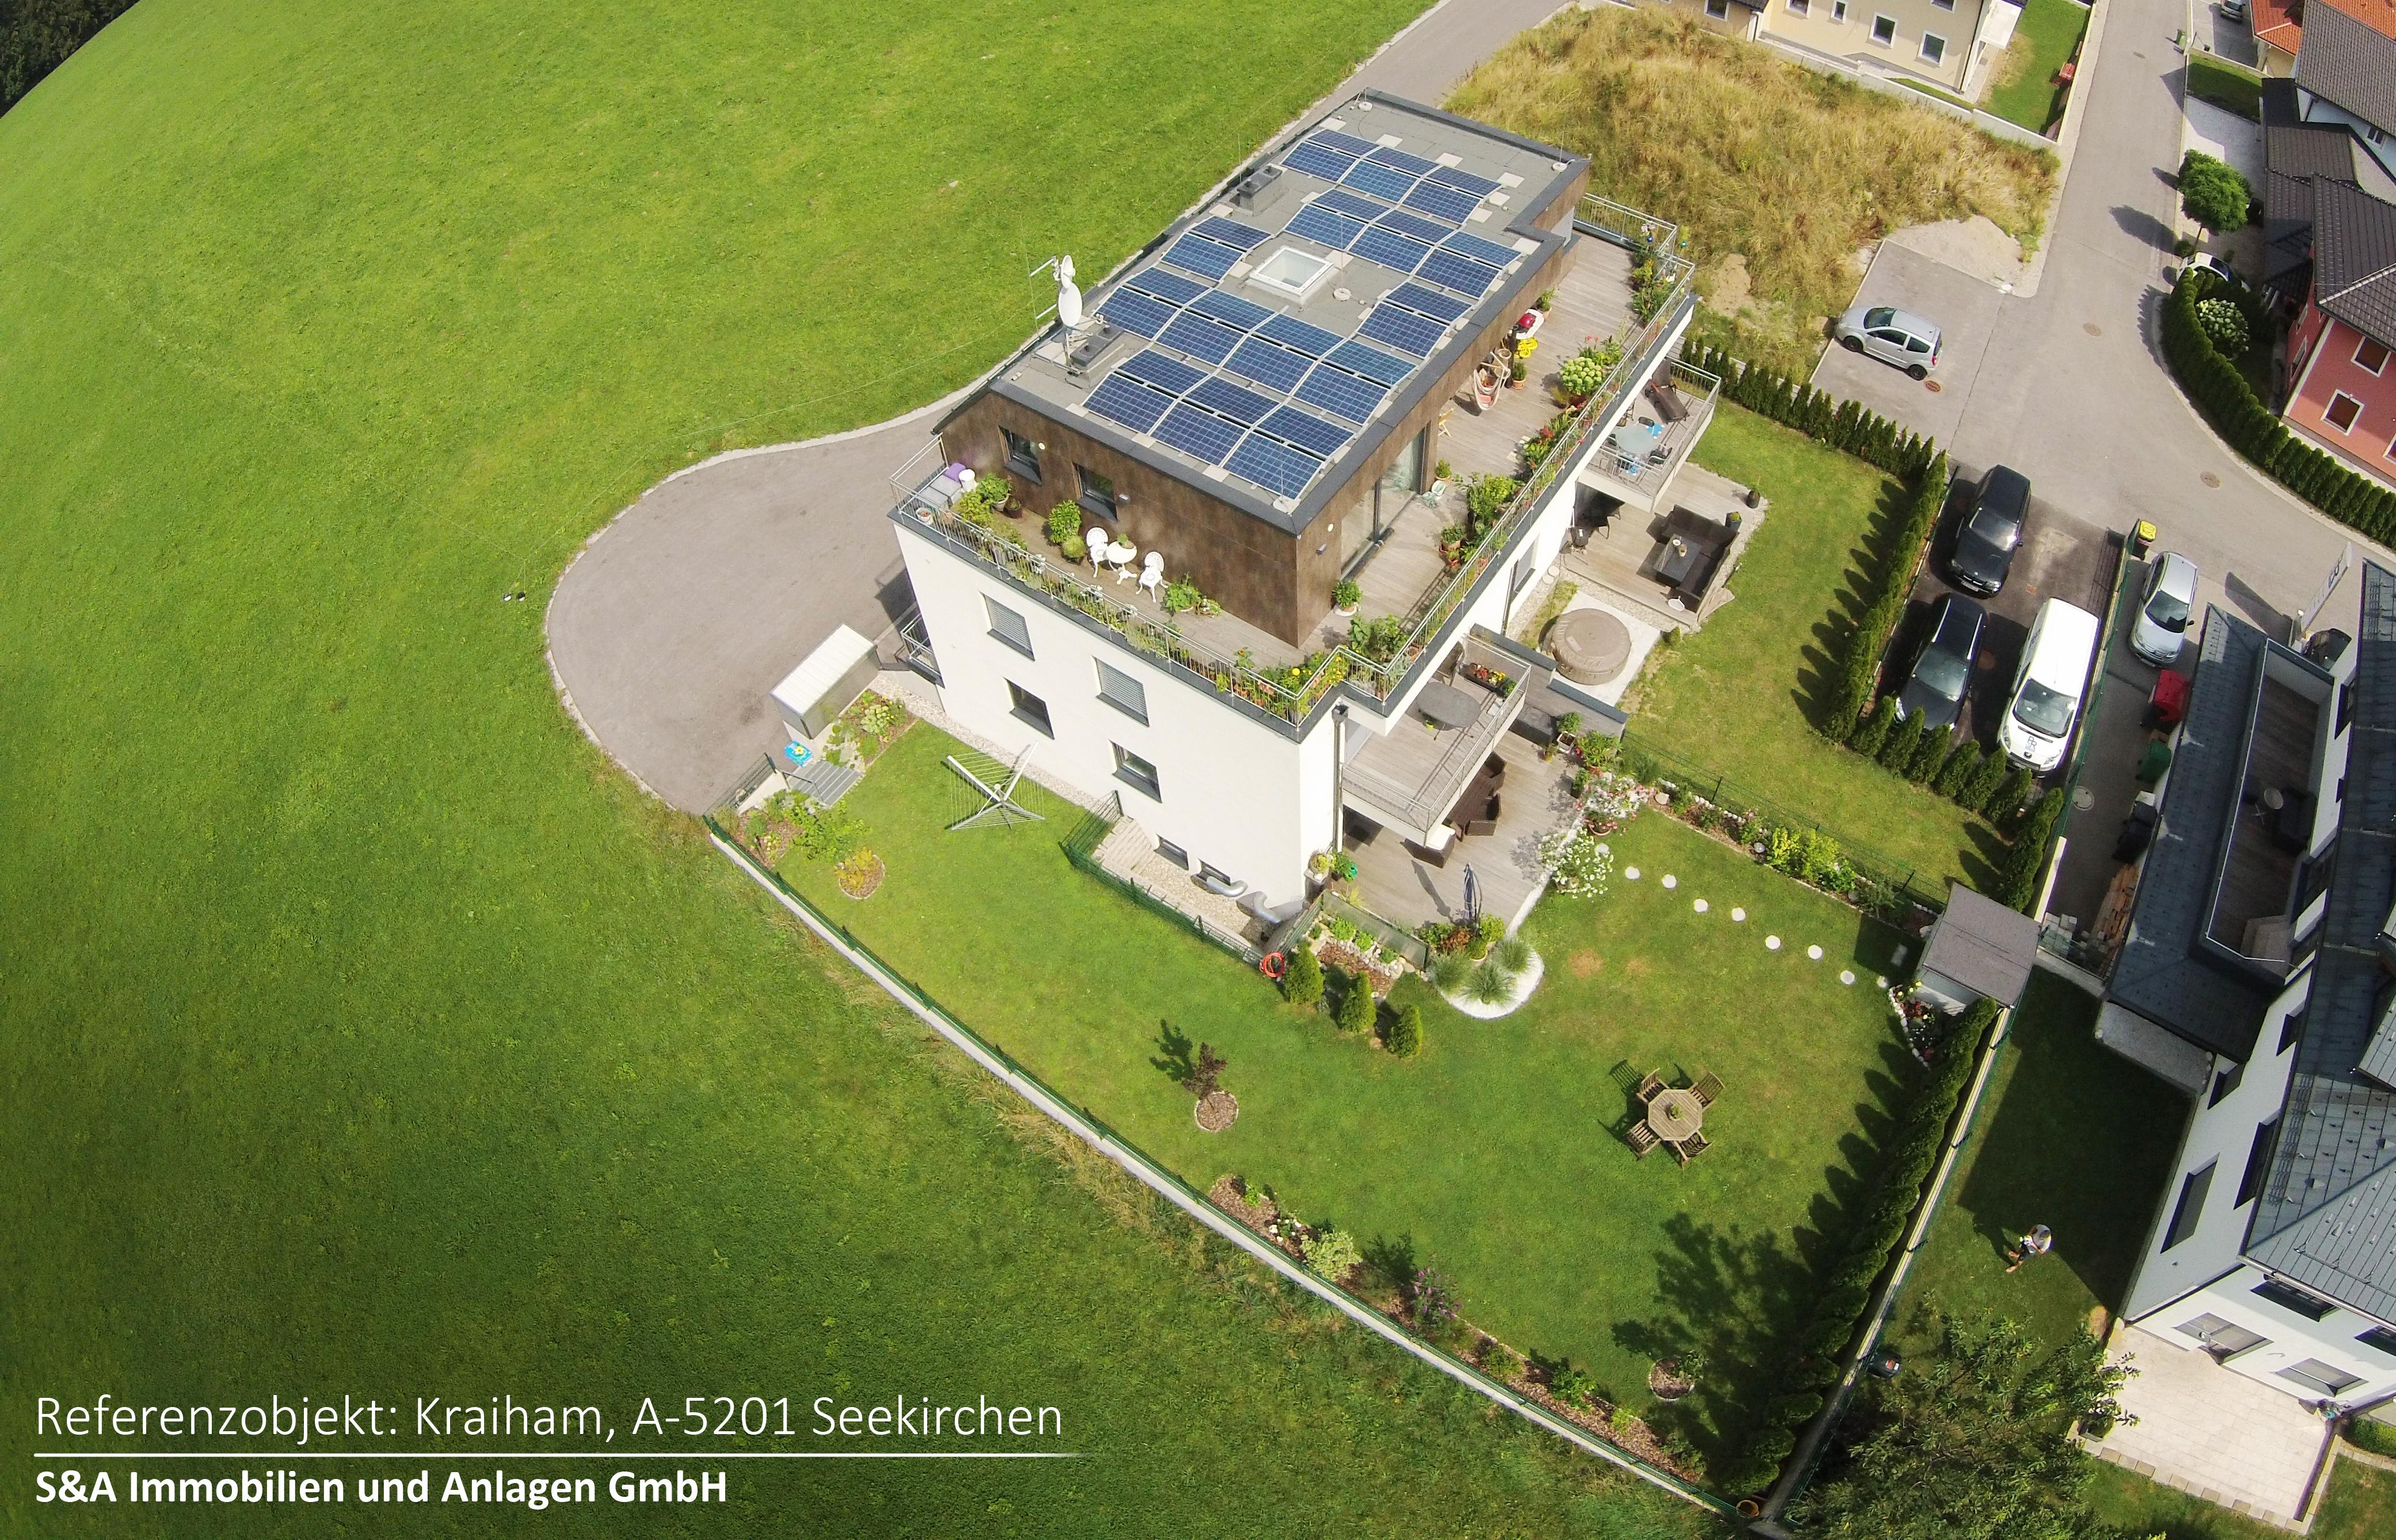 S&A Immobilien und Anlagen, Projekt Kraiham